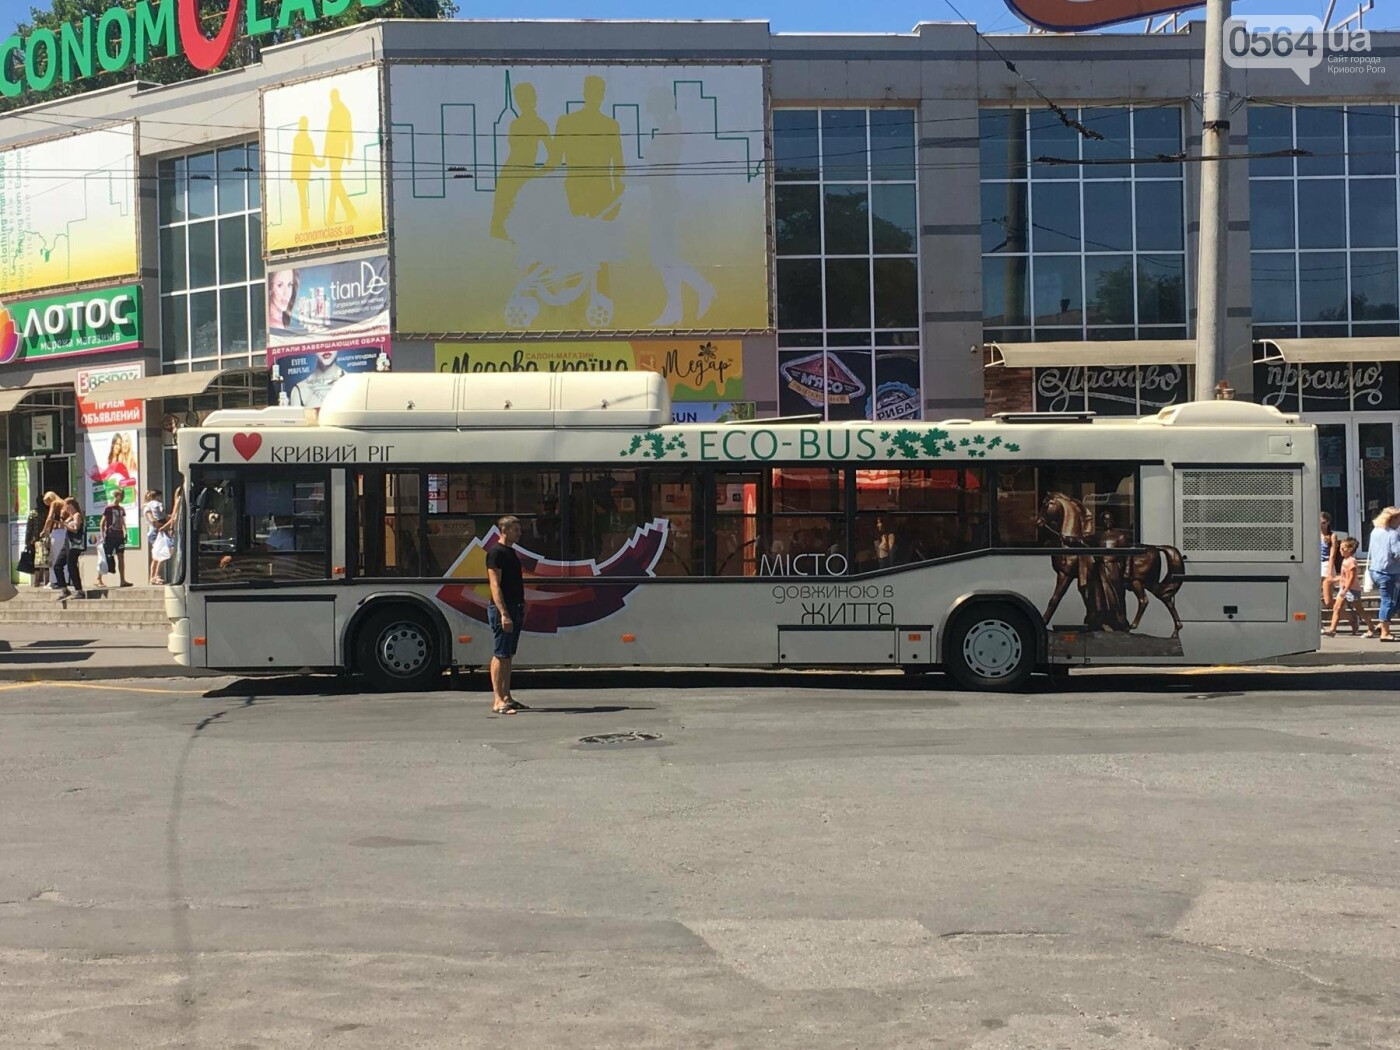 Как в Кривом Роге торжественно вручили водителям ключи от новых троллейбусов и автобусов, - ФОТО, ВИДЕО, фото-41